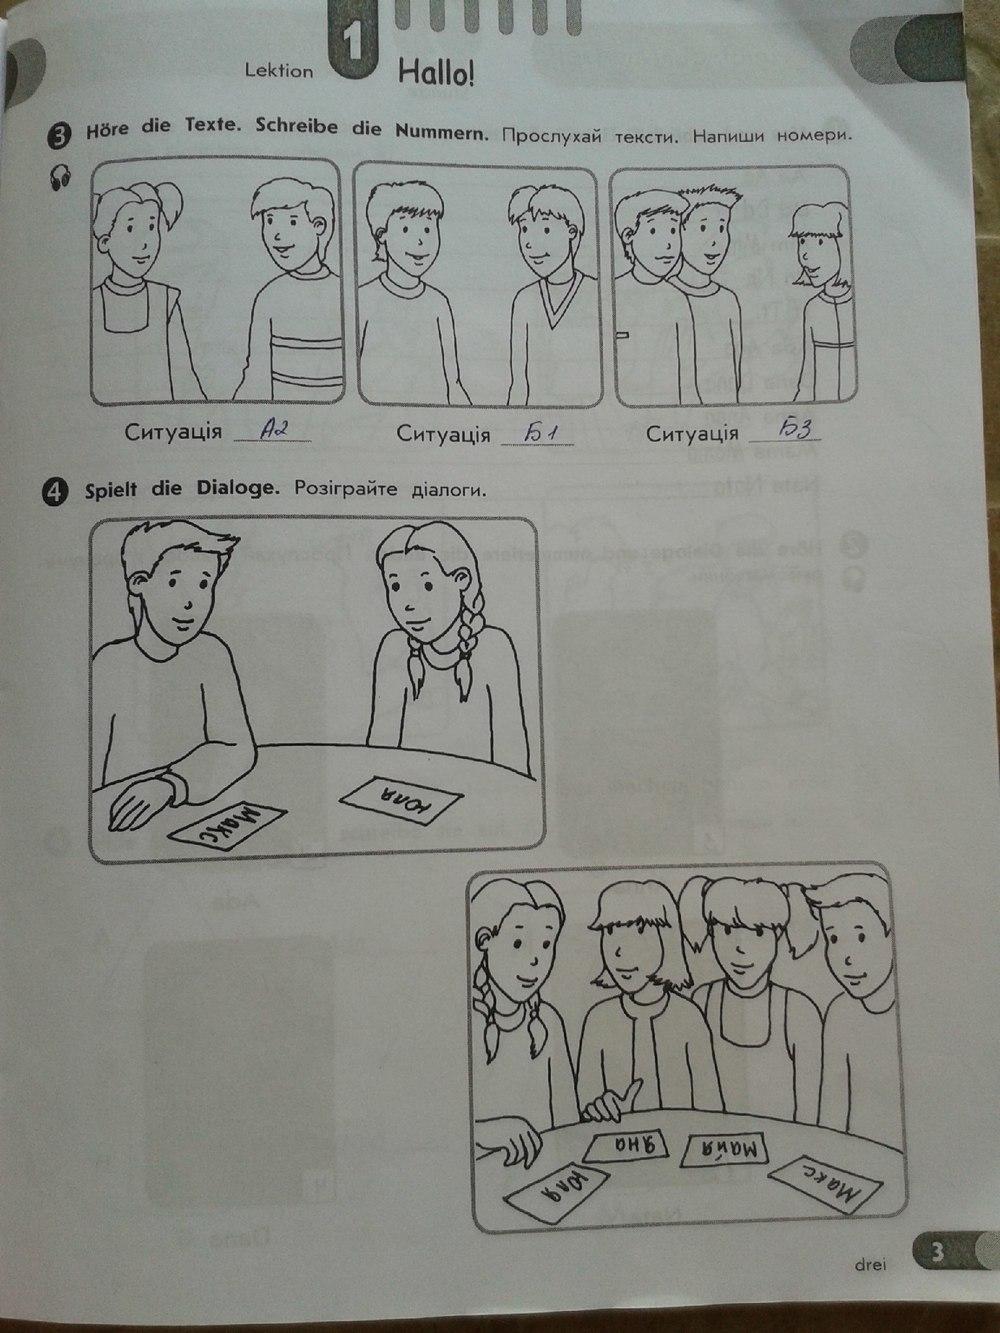 ГДЗ відповіді робочий зошит по немецкому языку 5 класс С.І. Сотникова, Т.Ф. Білоусова. Задание: стр. 3